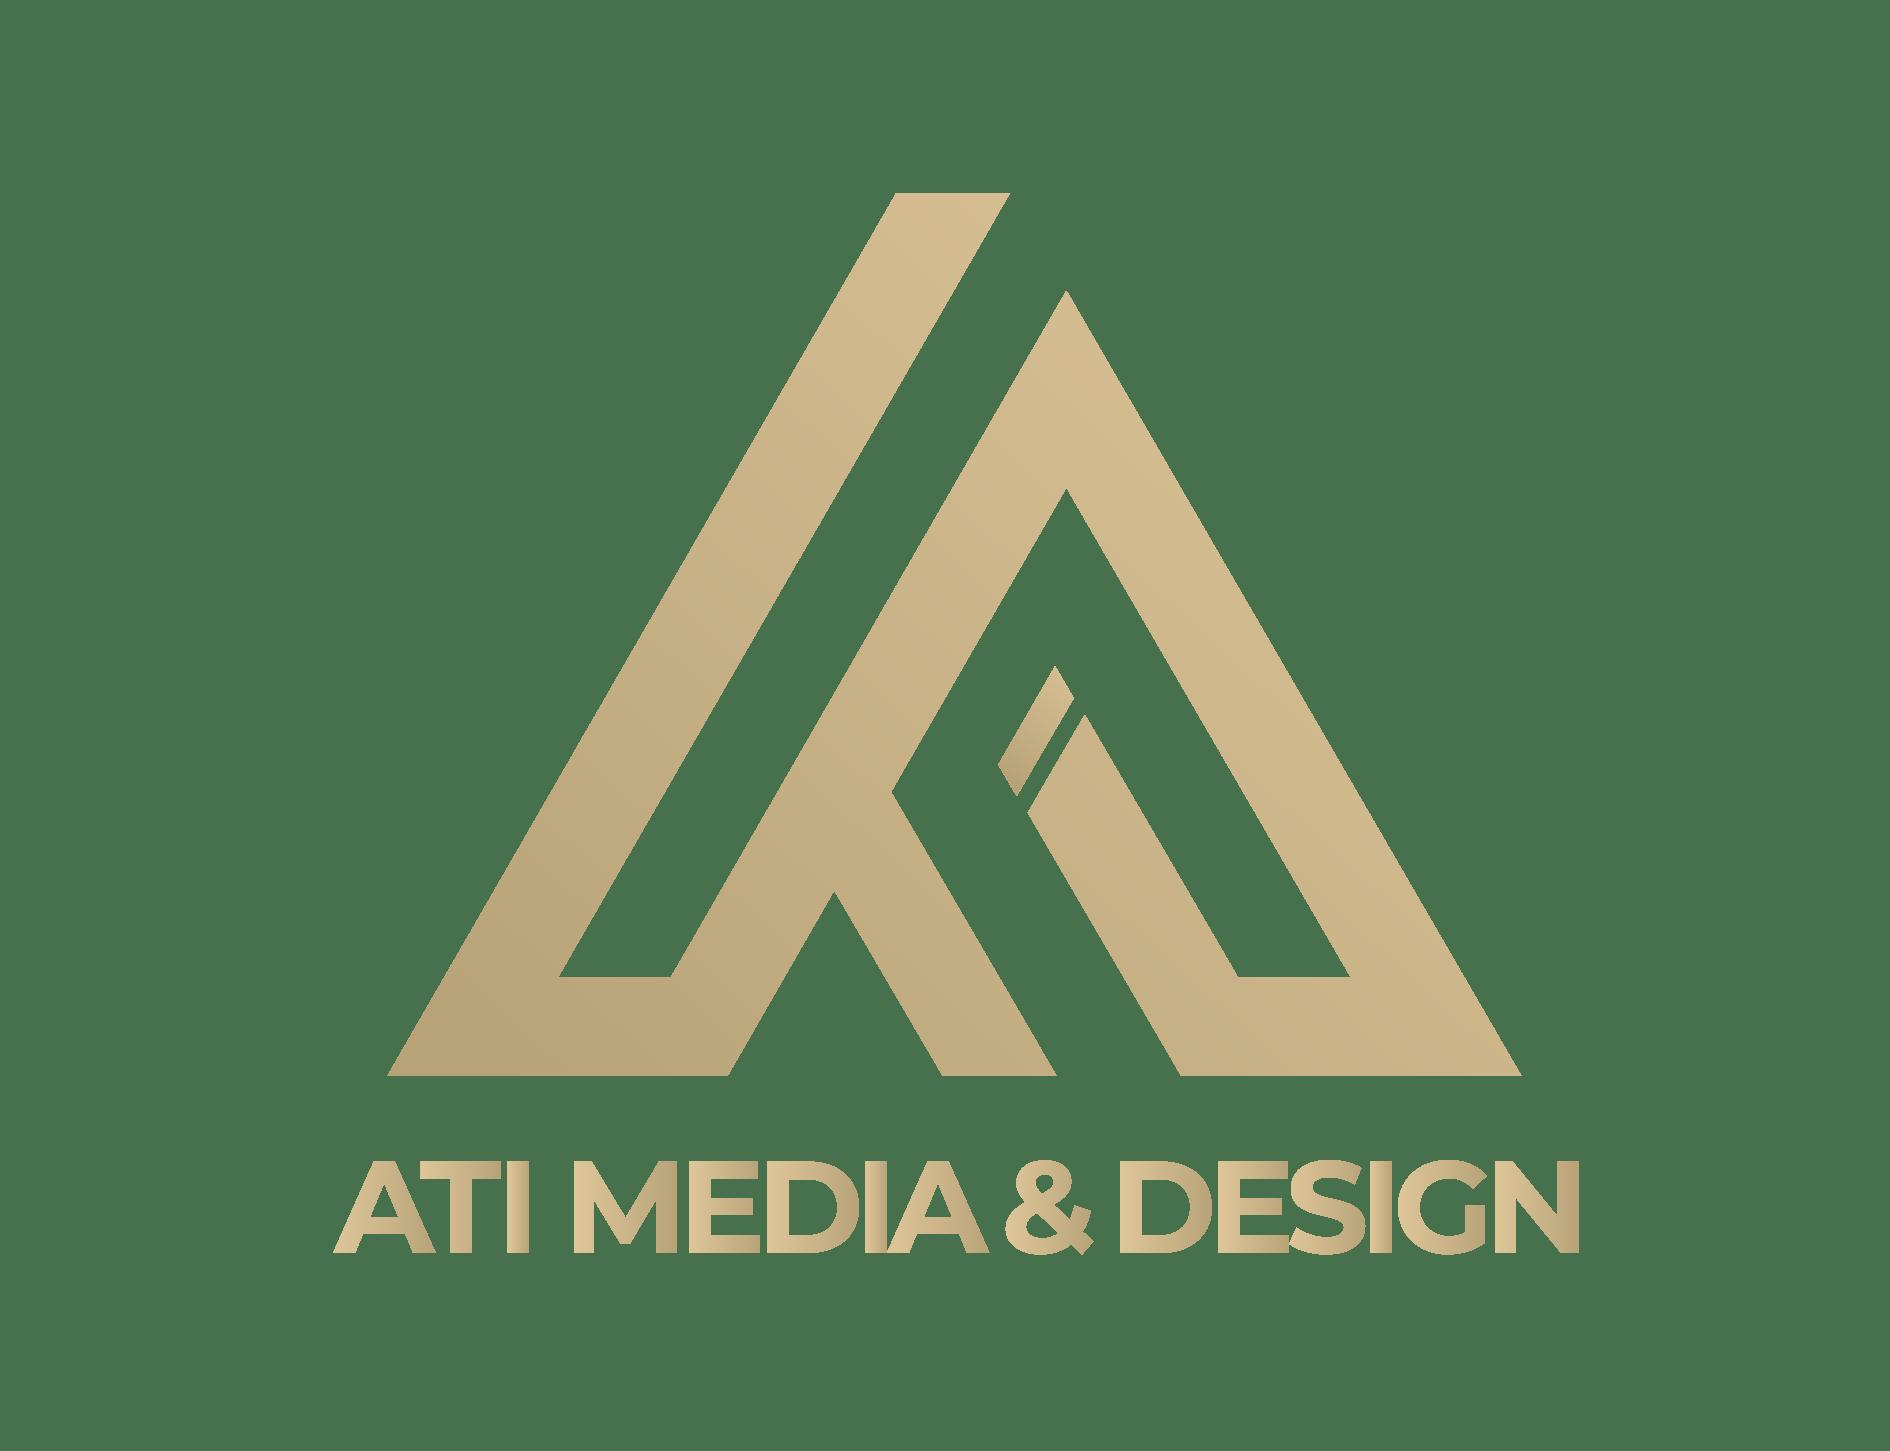 Ati Media Design - Webdesigner, Grafiker, Video- und Fotograf